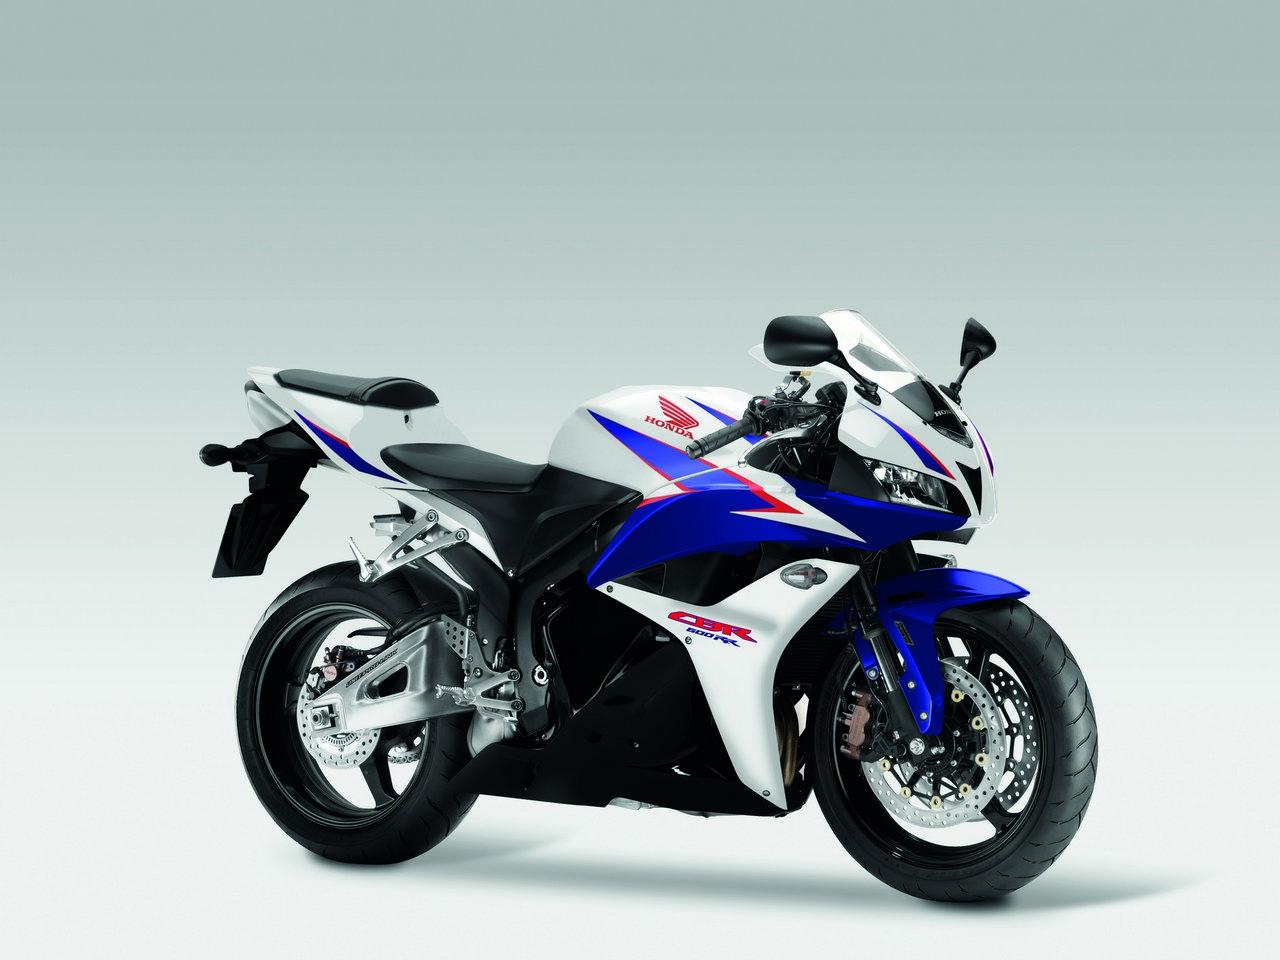 2011 Honda Cbr 600rr All New Reviews